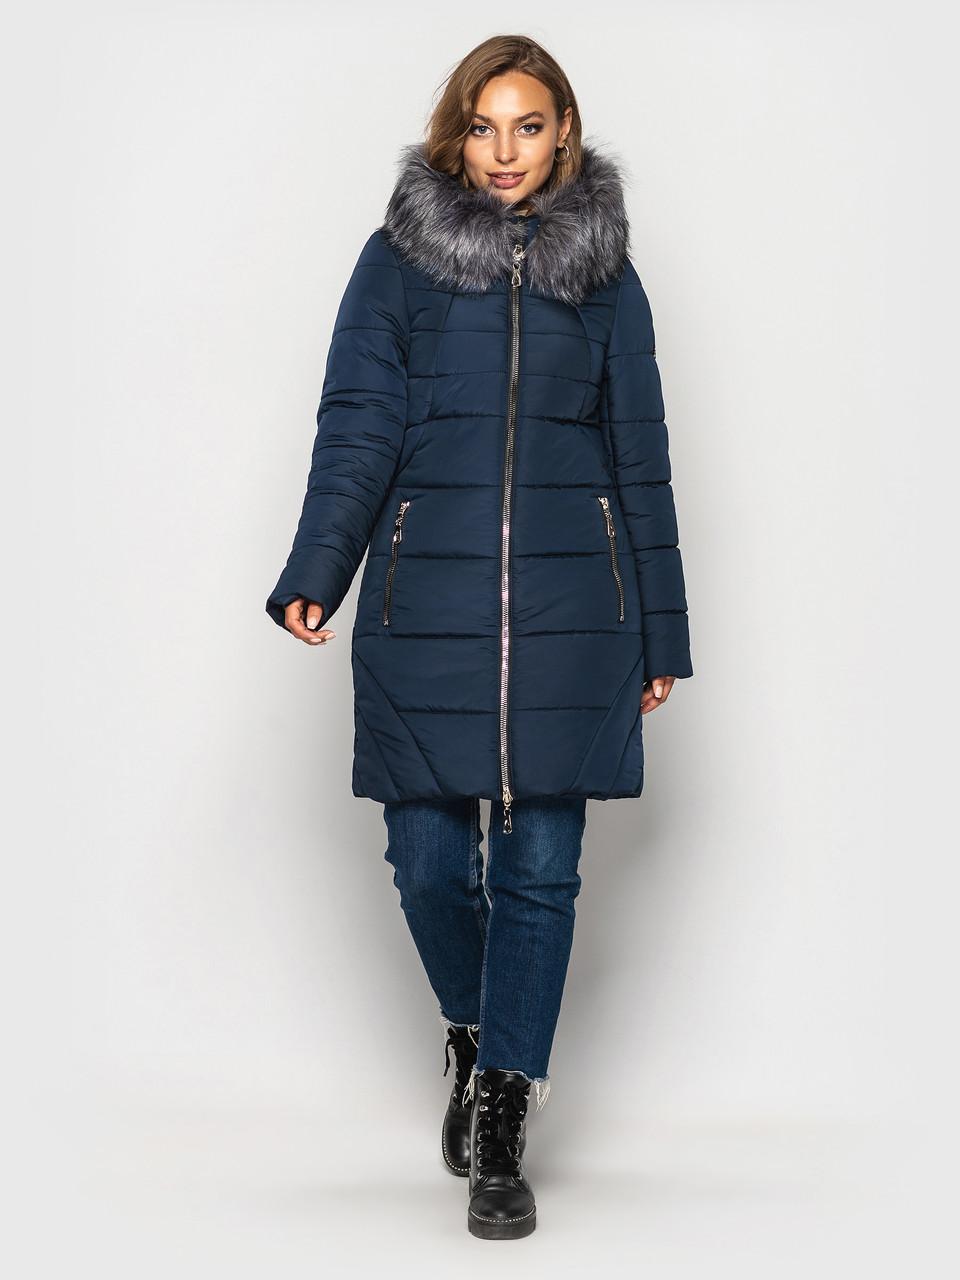 Зимняя куртка больших размеров К 0077 с 02